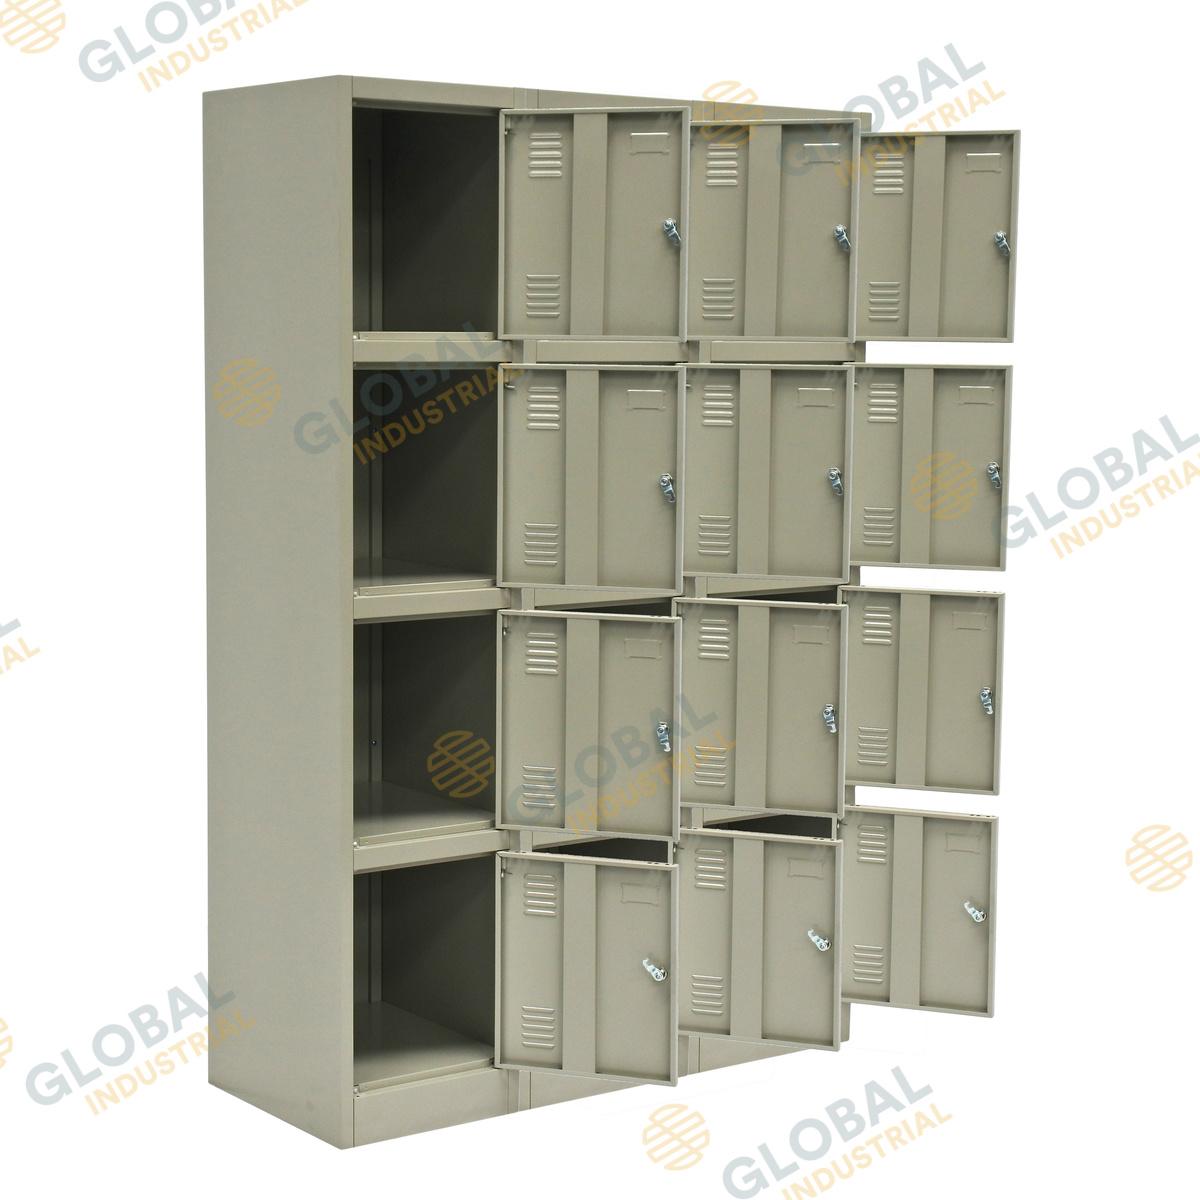 Personnel lockers 3 6 or 12 door options available for 12 door lockers